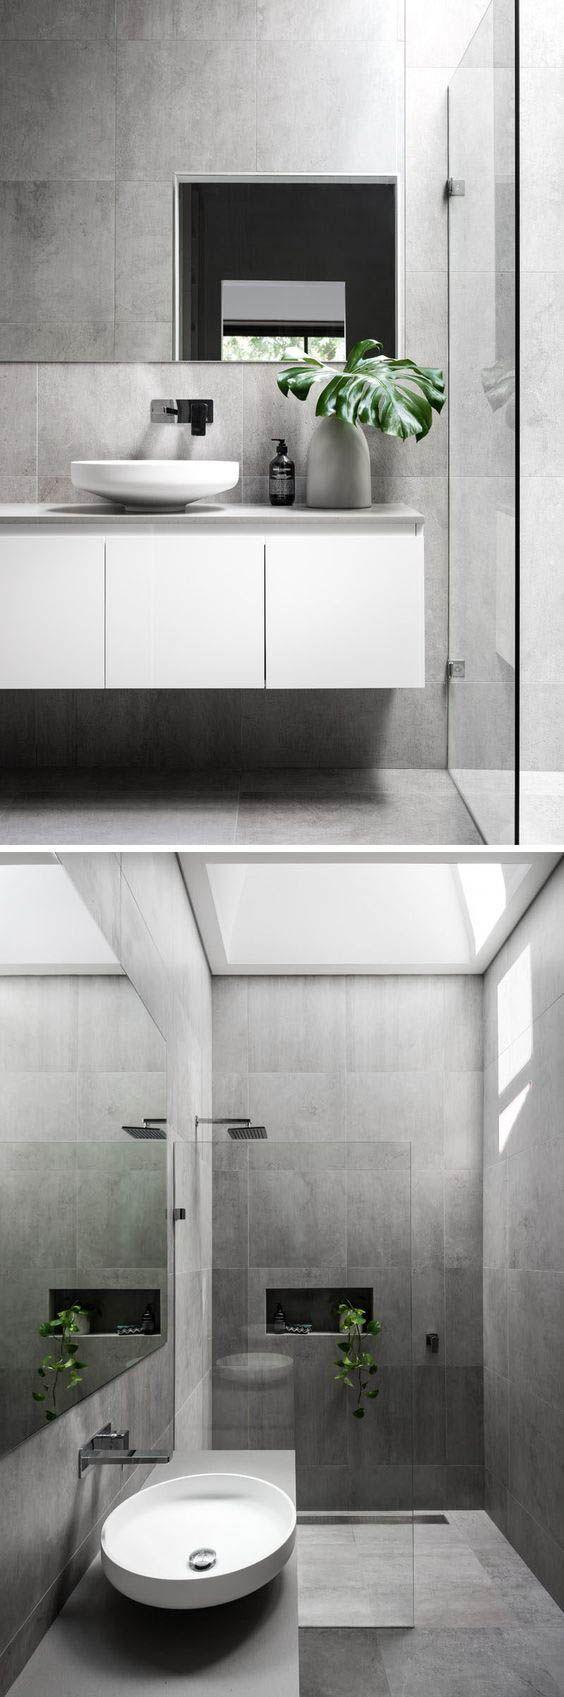 Bathroom goals 10 amazing minimal bathrooms bathroom for Diseno de habitacion con bano privado